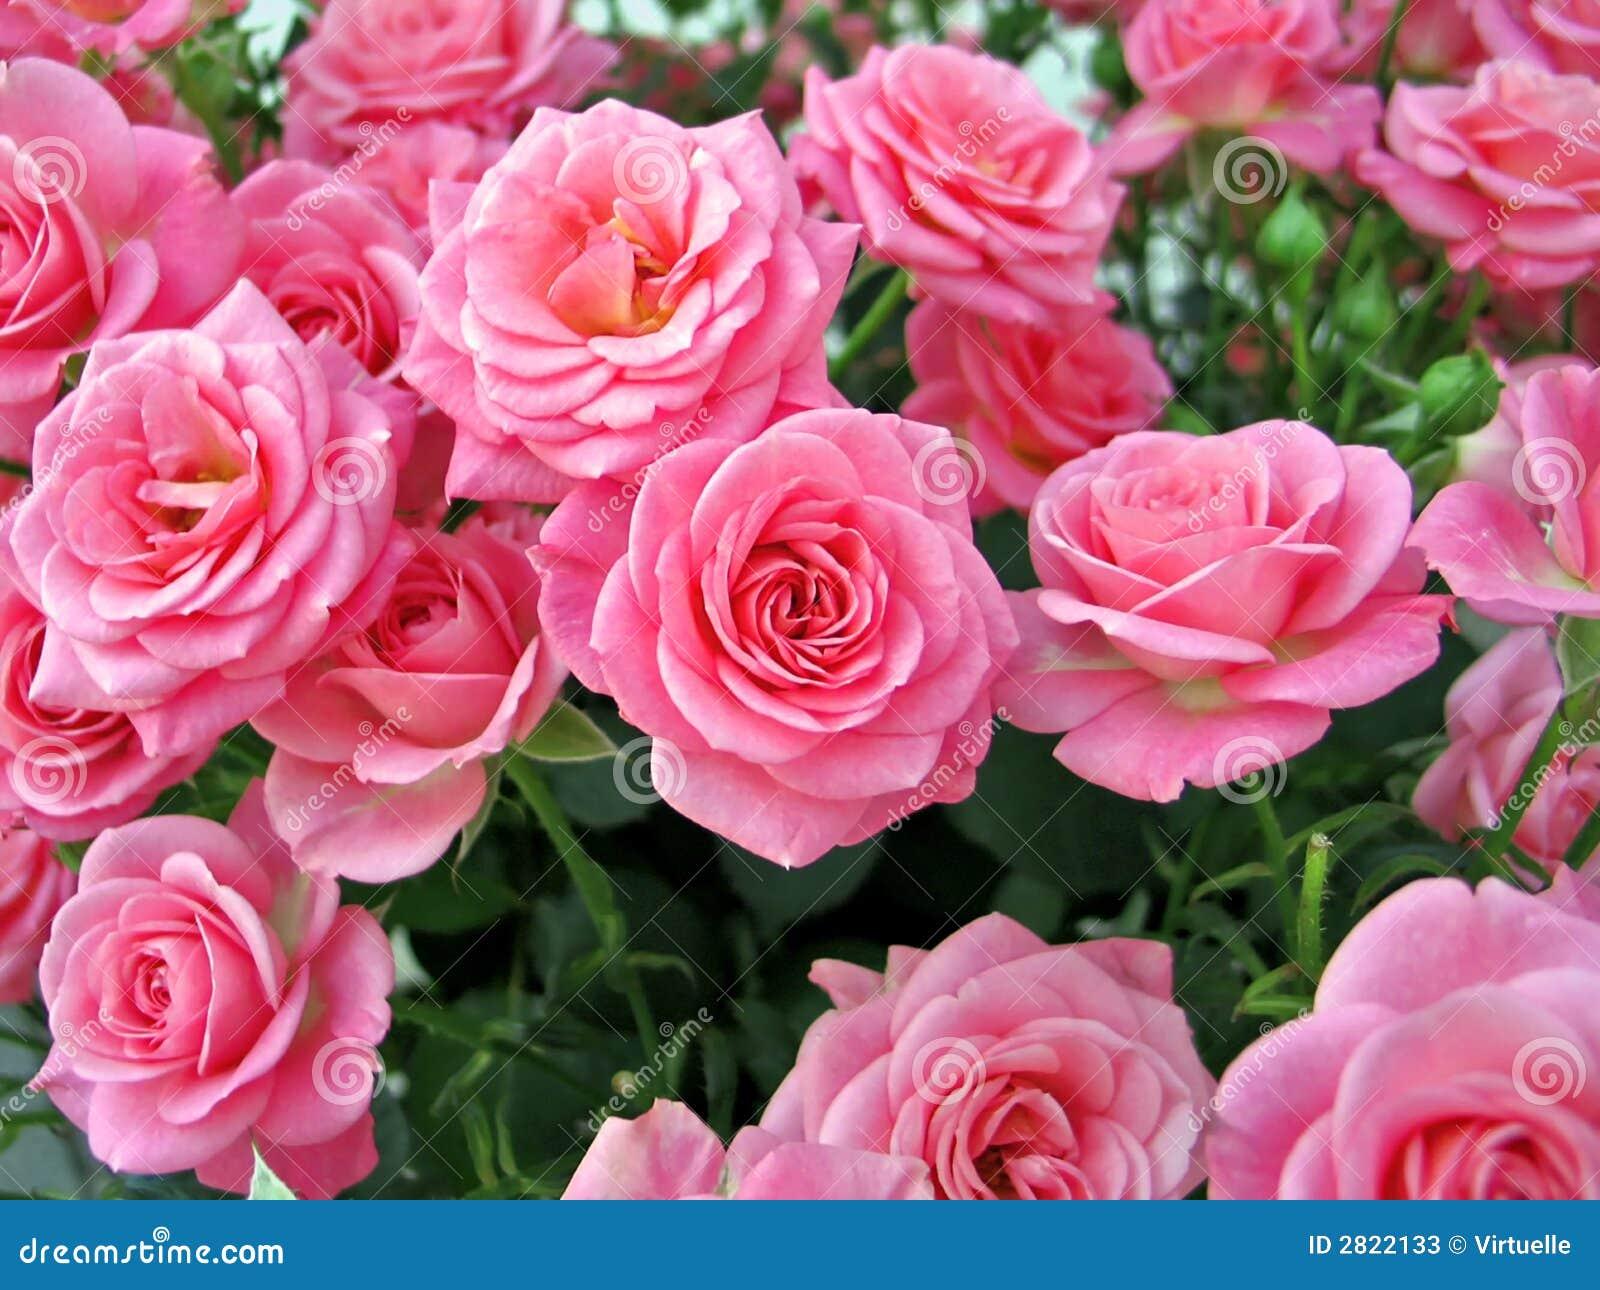 imagens jardim de rosas:Rosas Cor-de-rosa Fotos de Stock – Imagem: 2822133